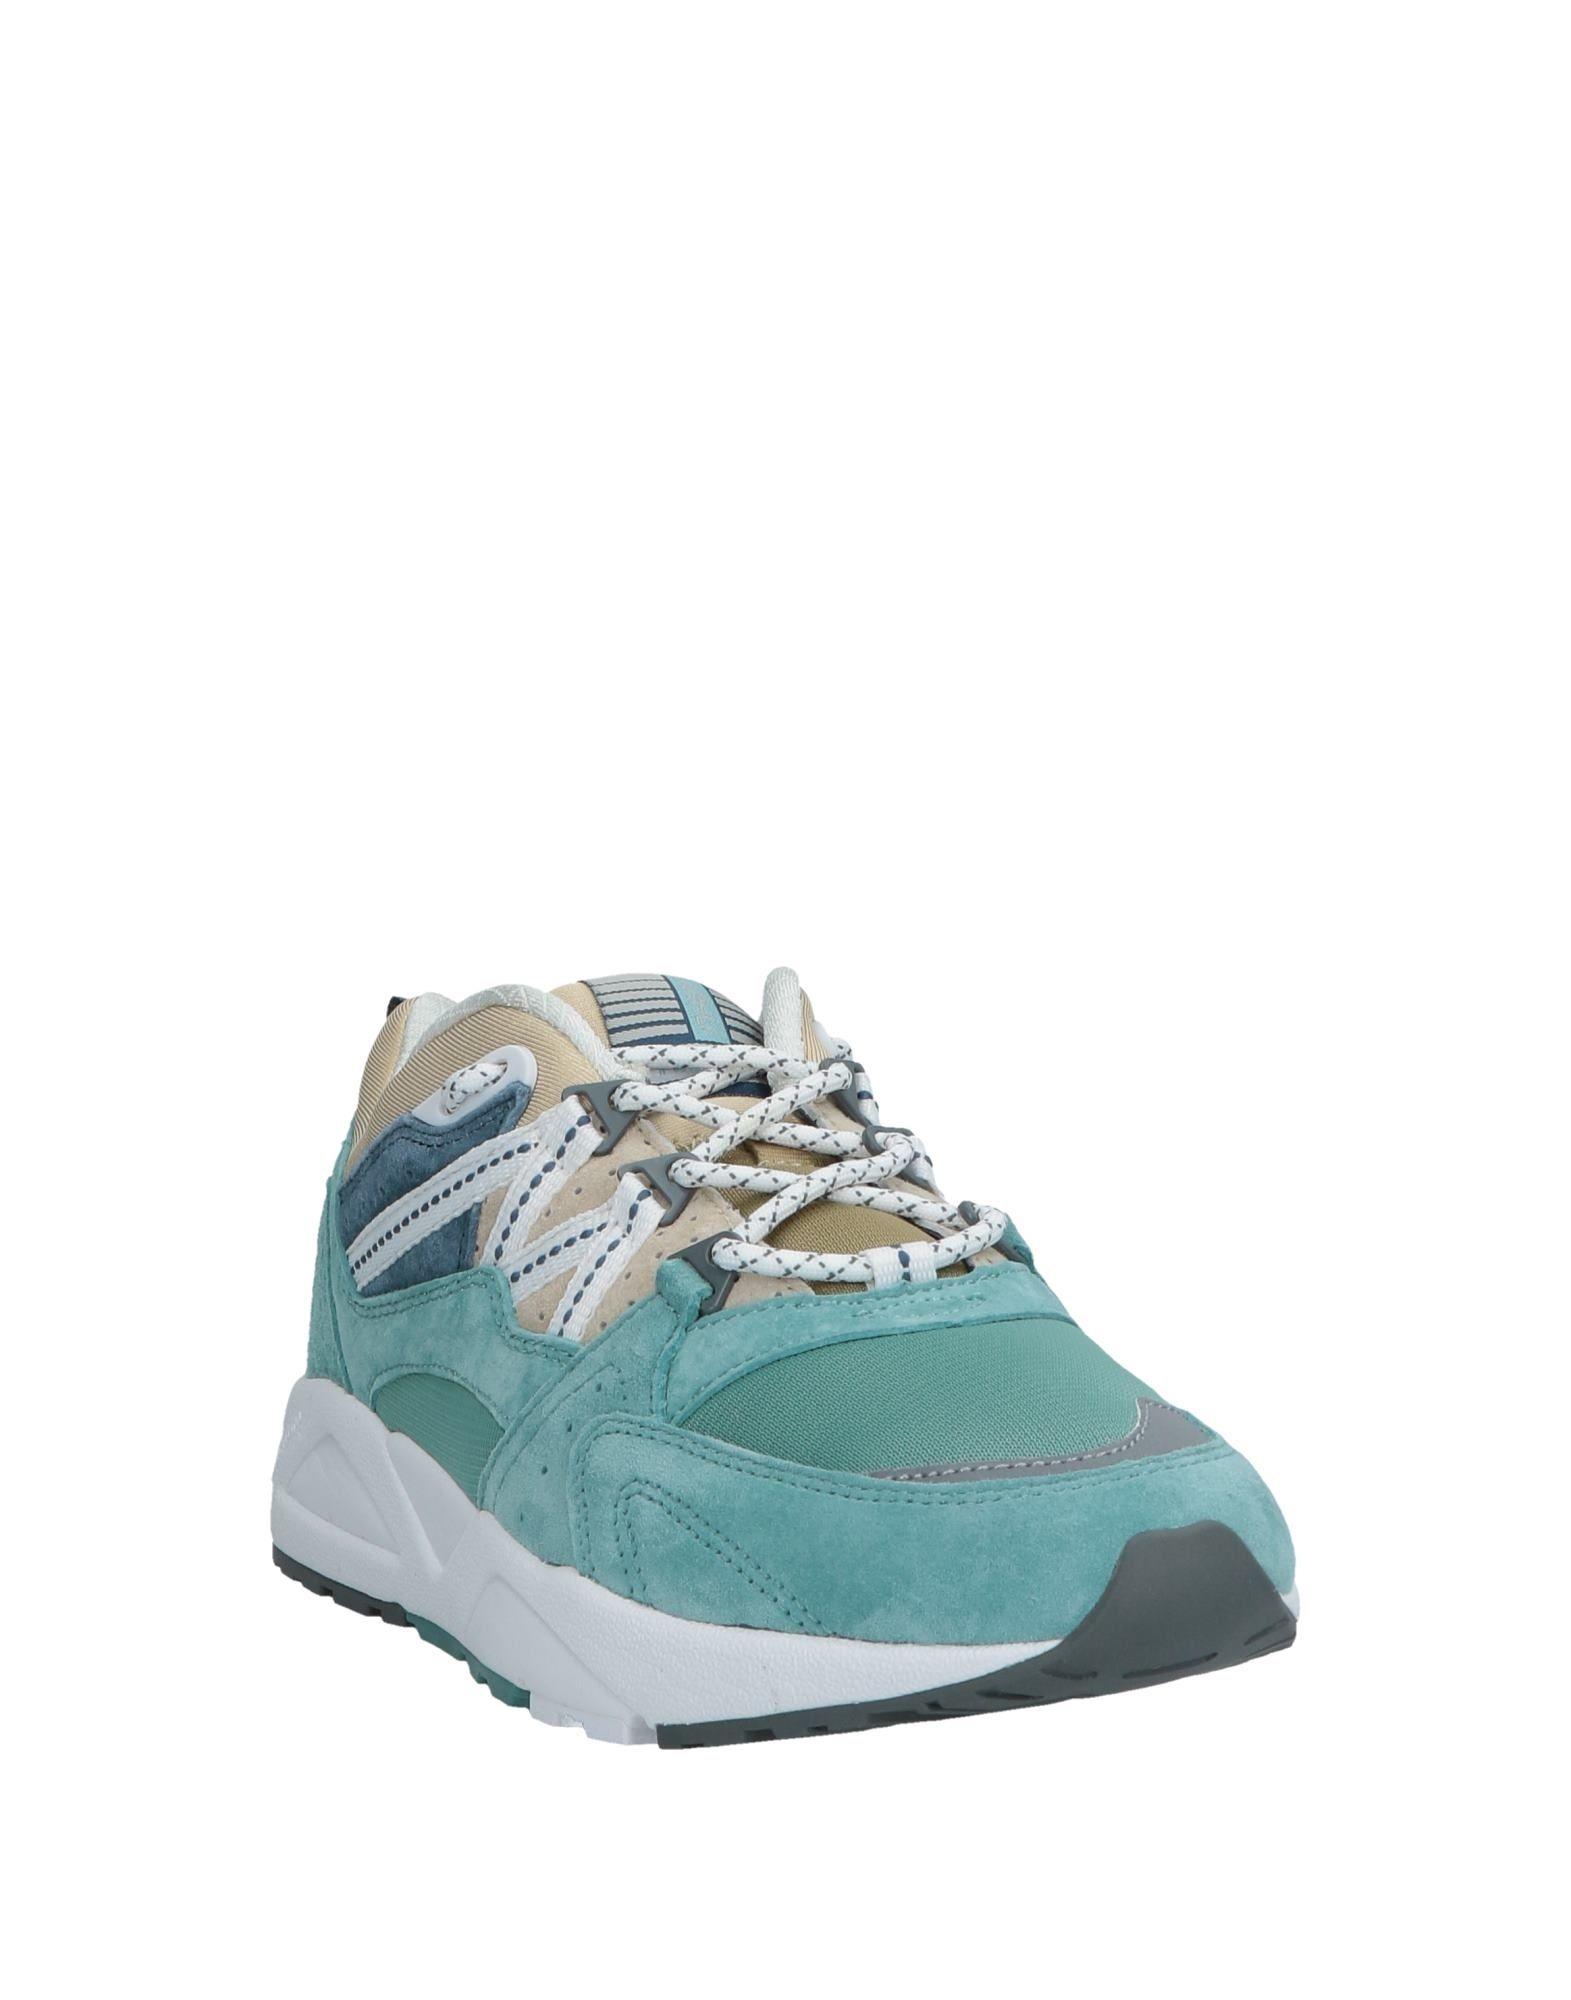 Karhu Sneakers Sneakers - Men Karhu Sneakers Karhu online on  Australia - 11564250SJ 89e270